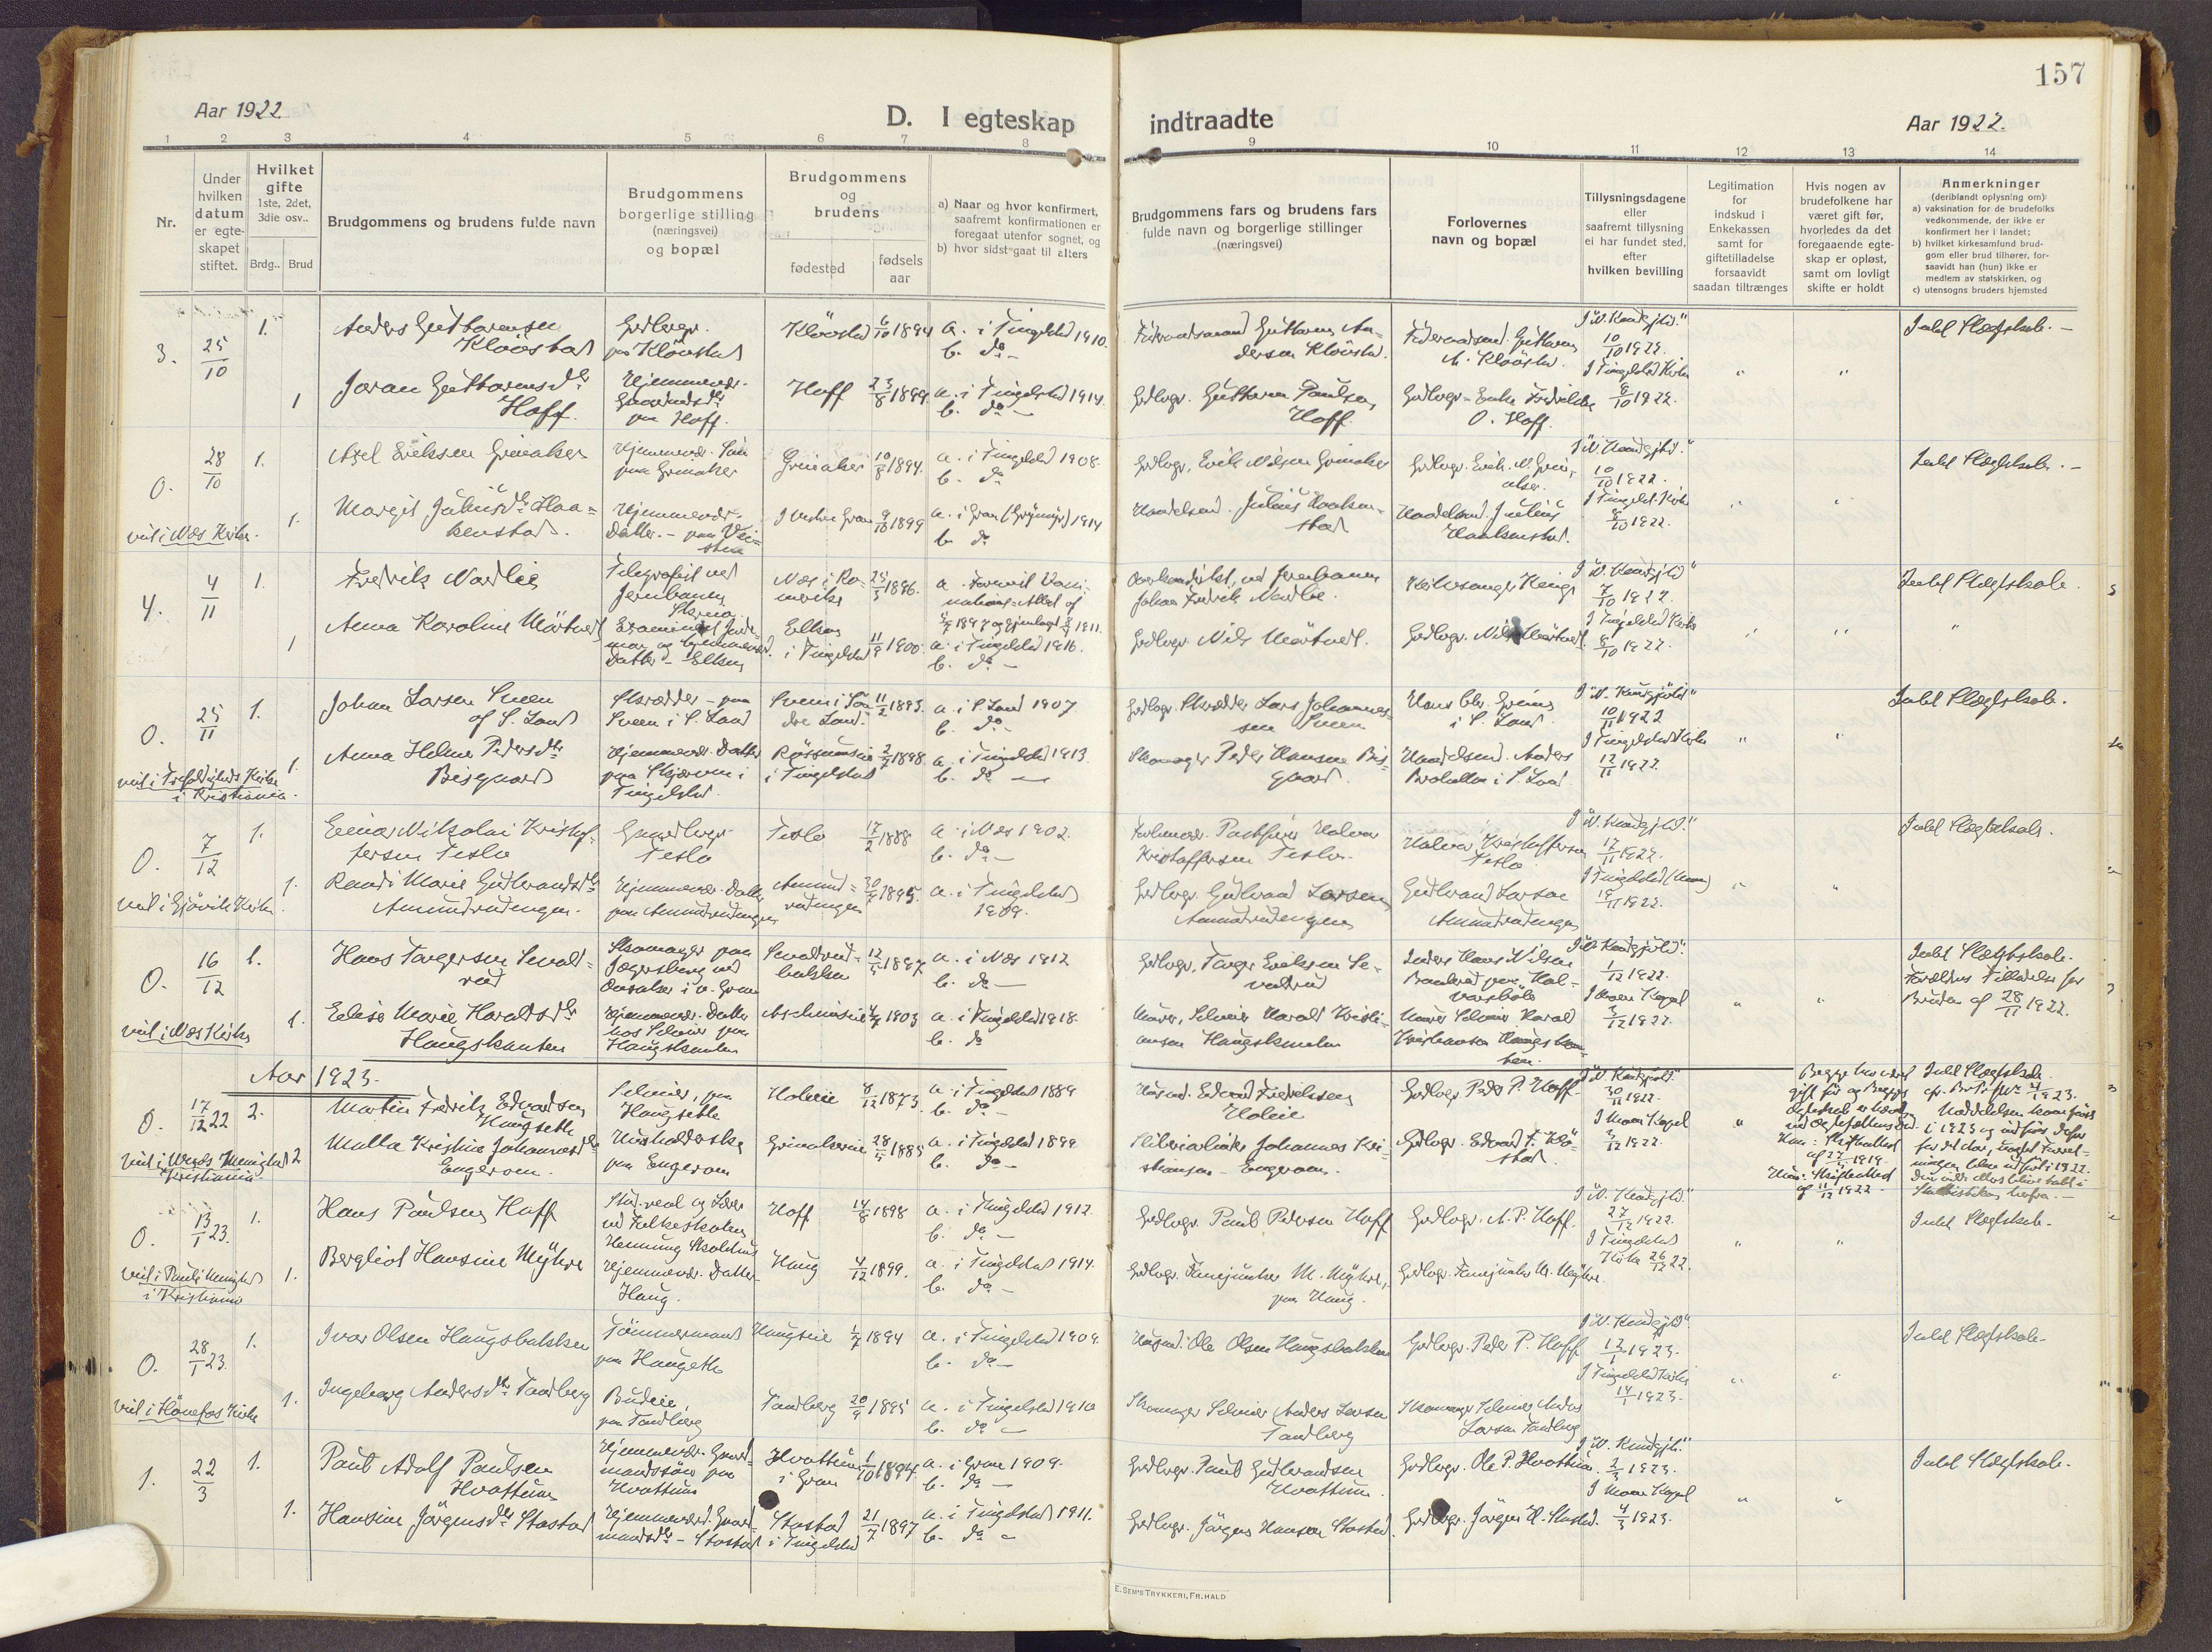 SAH, Brandbu prestekontor, Ministerialbok nr. 3, 1914-1928, s. 157